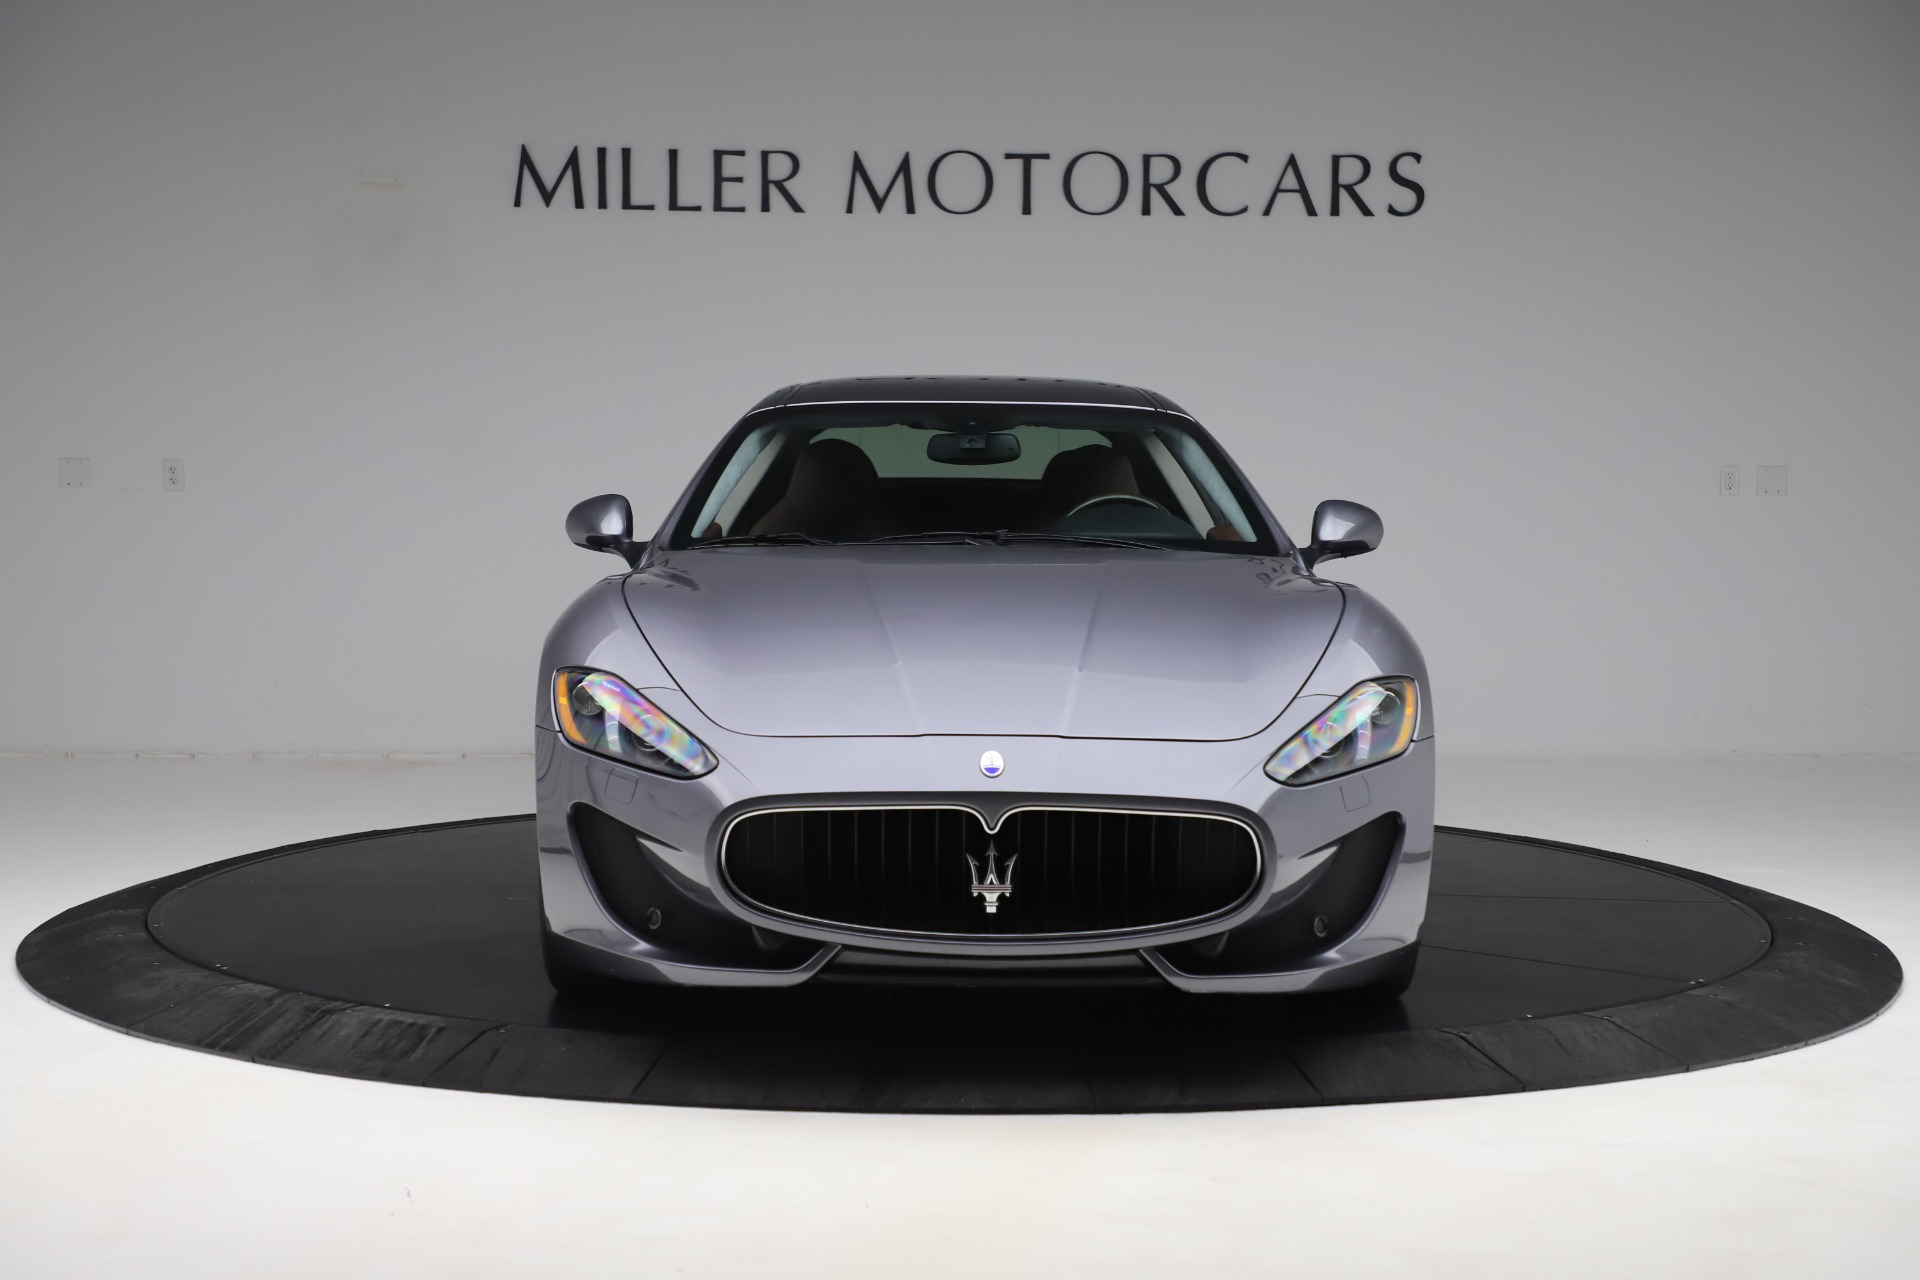 New 2016 Maserati GranTurismo Sport- TEST DRIVE SPECIAL For Sale In Greenwich, CT 166_p12